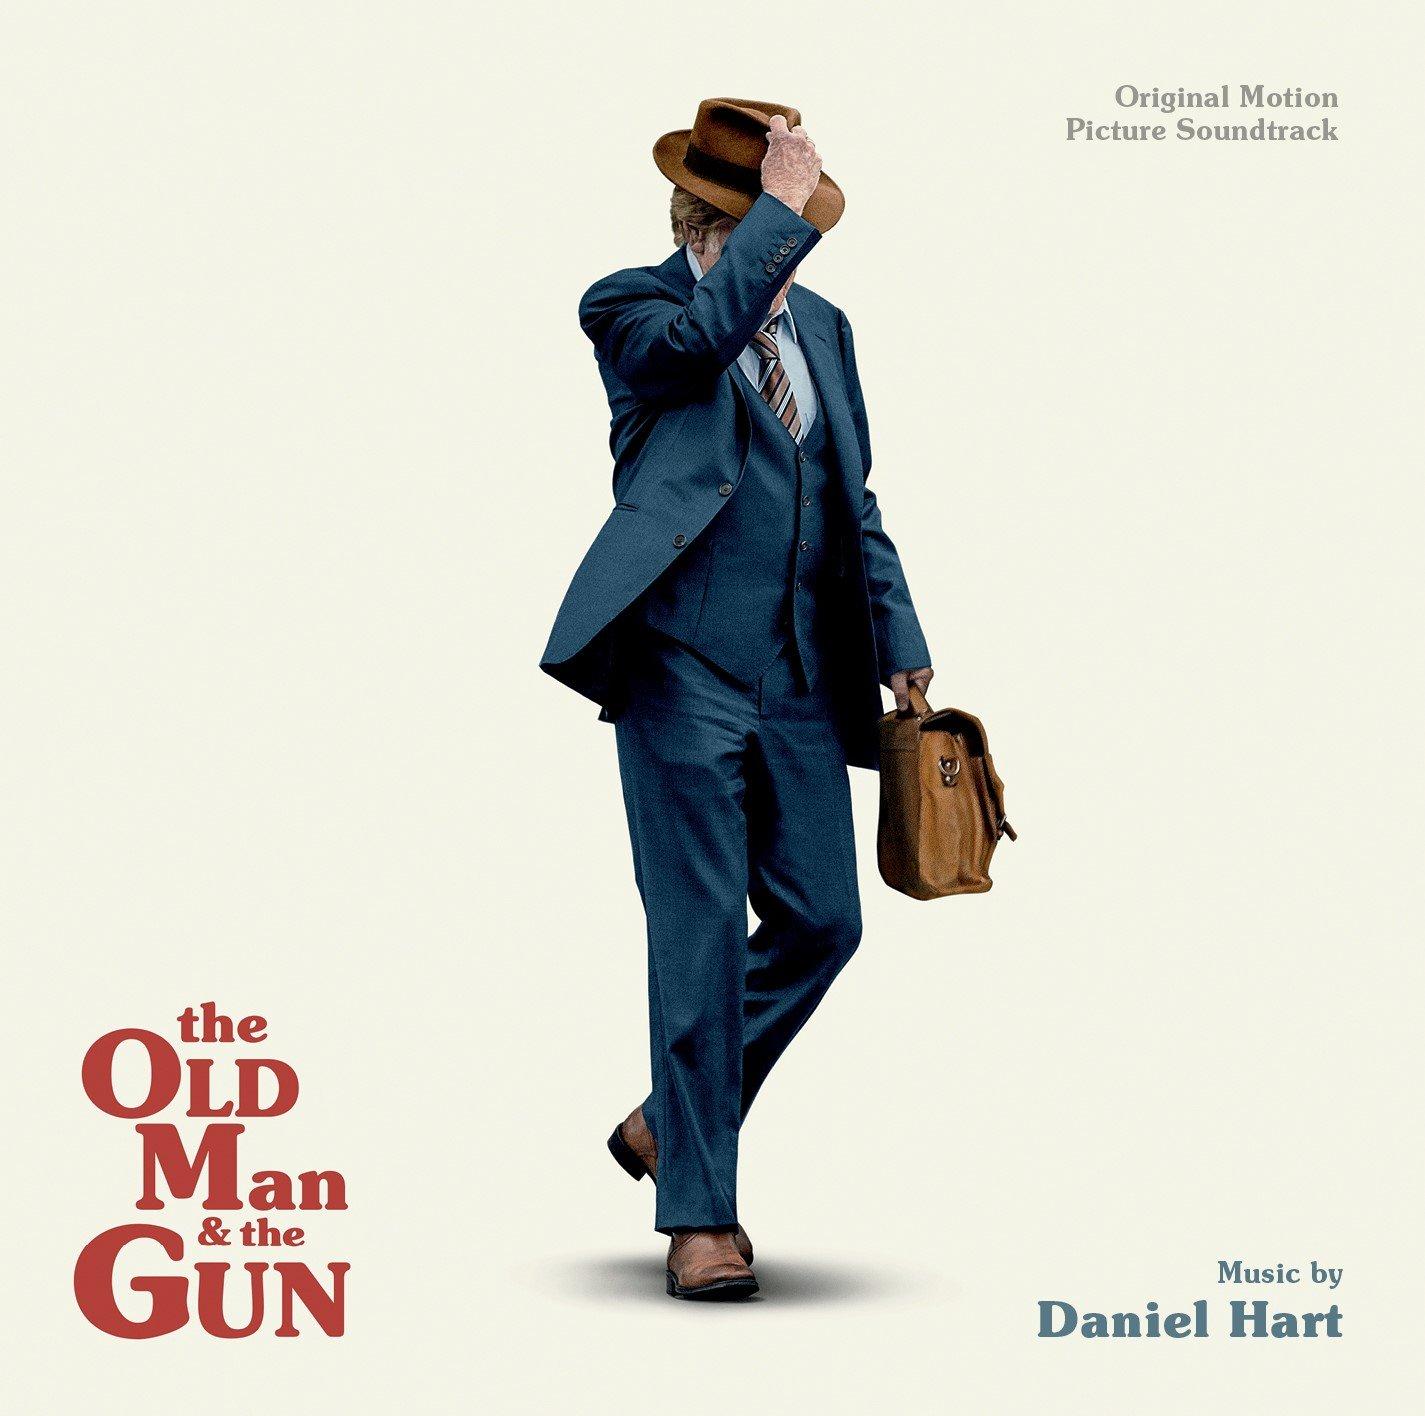 Pop Disciple Podcast Daniel Hart Composer Score Film Music The Old Man & The Gun SMILF Forever